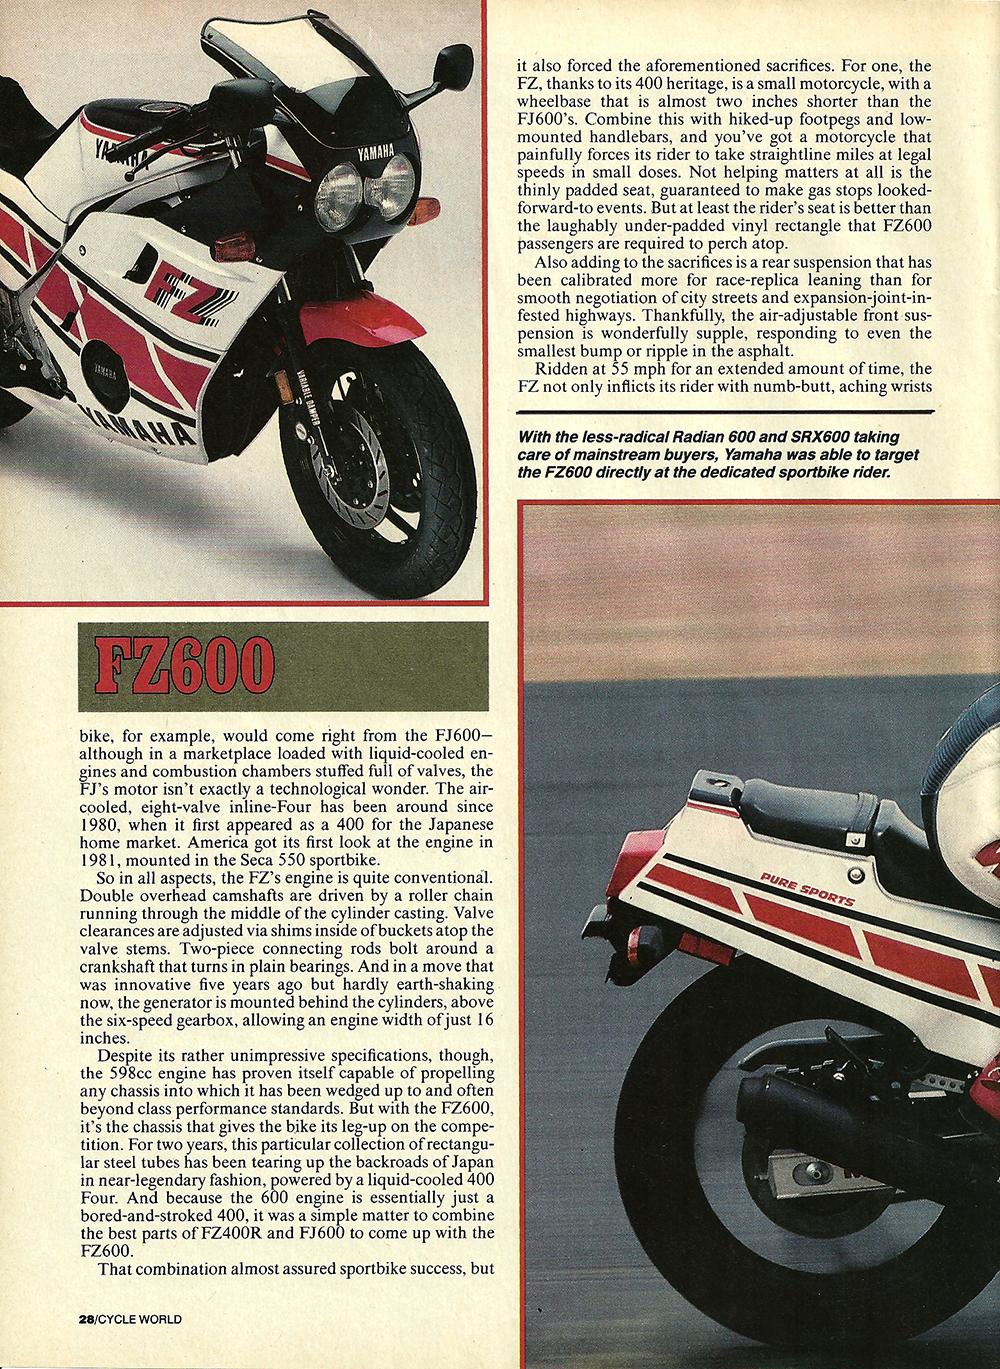 1986 Yamaha FZ600 road test 03.jpg